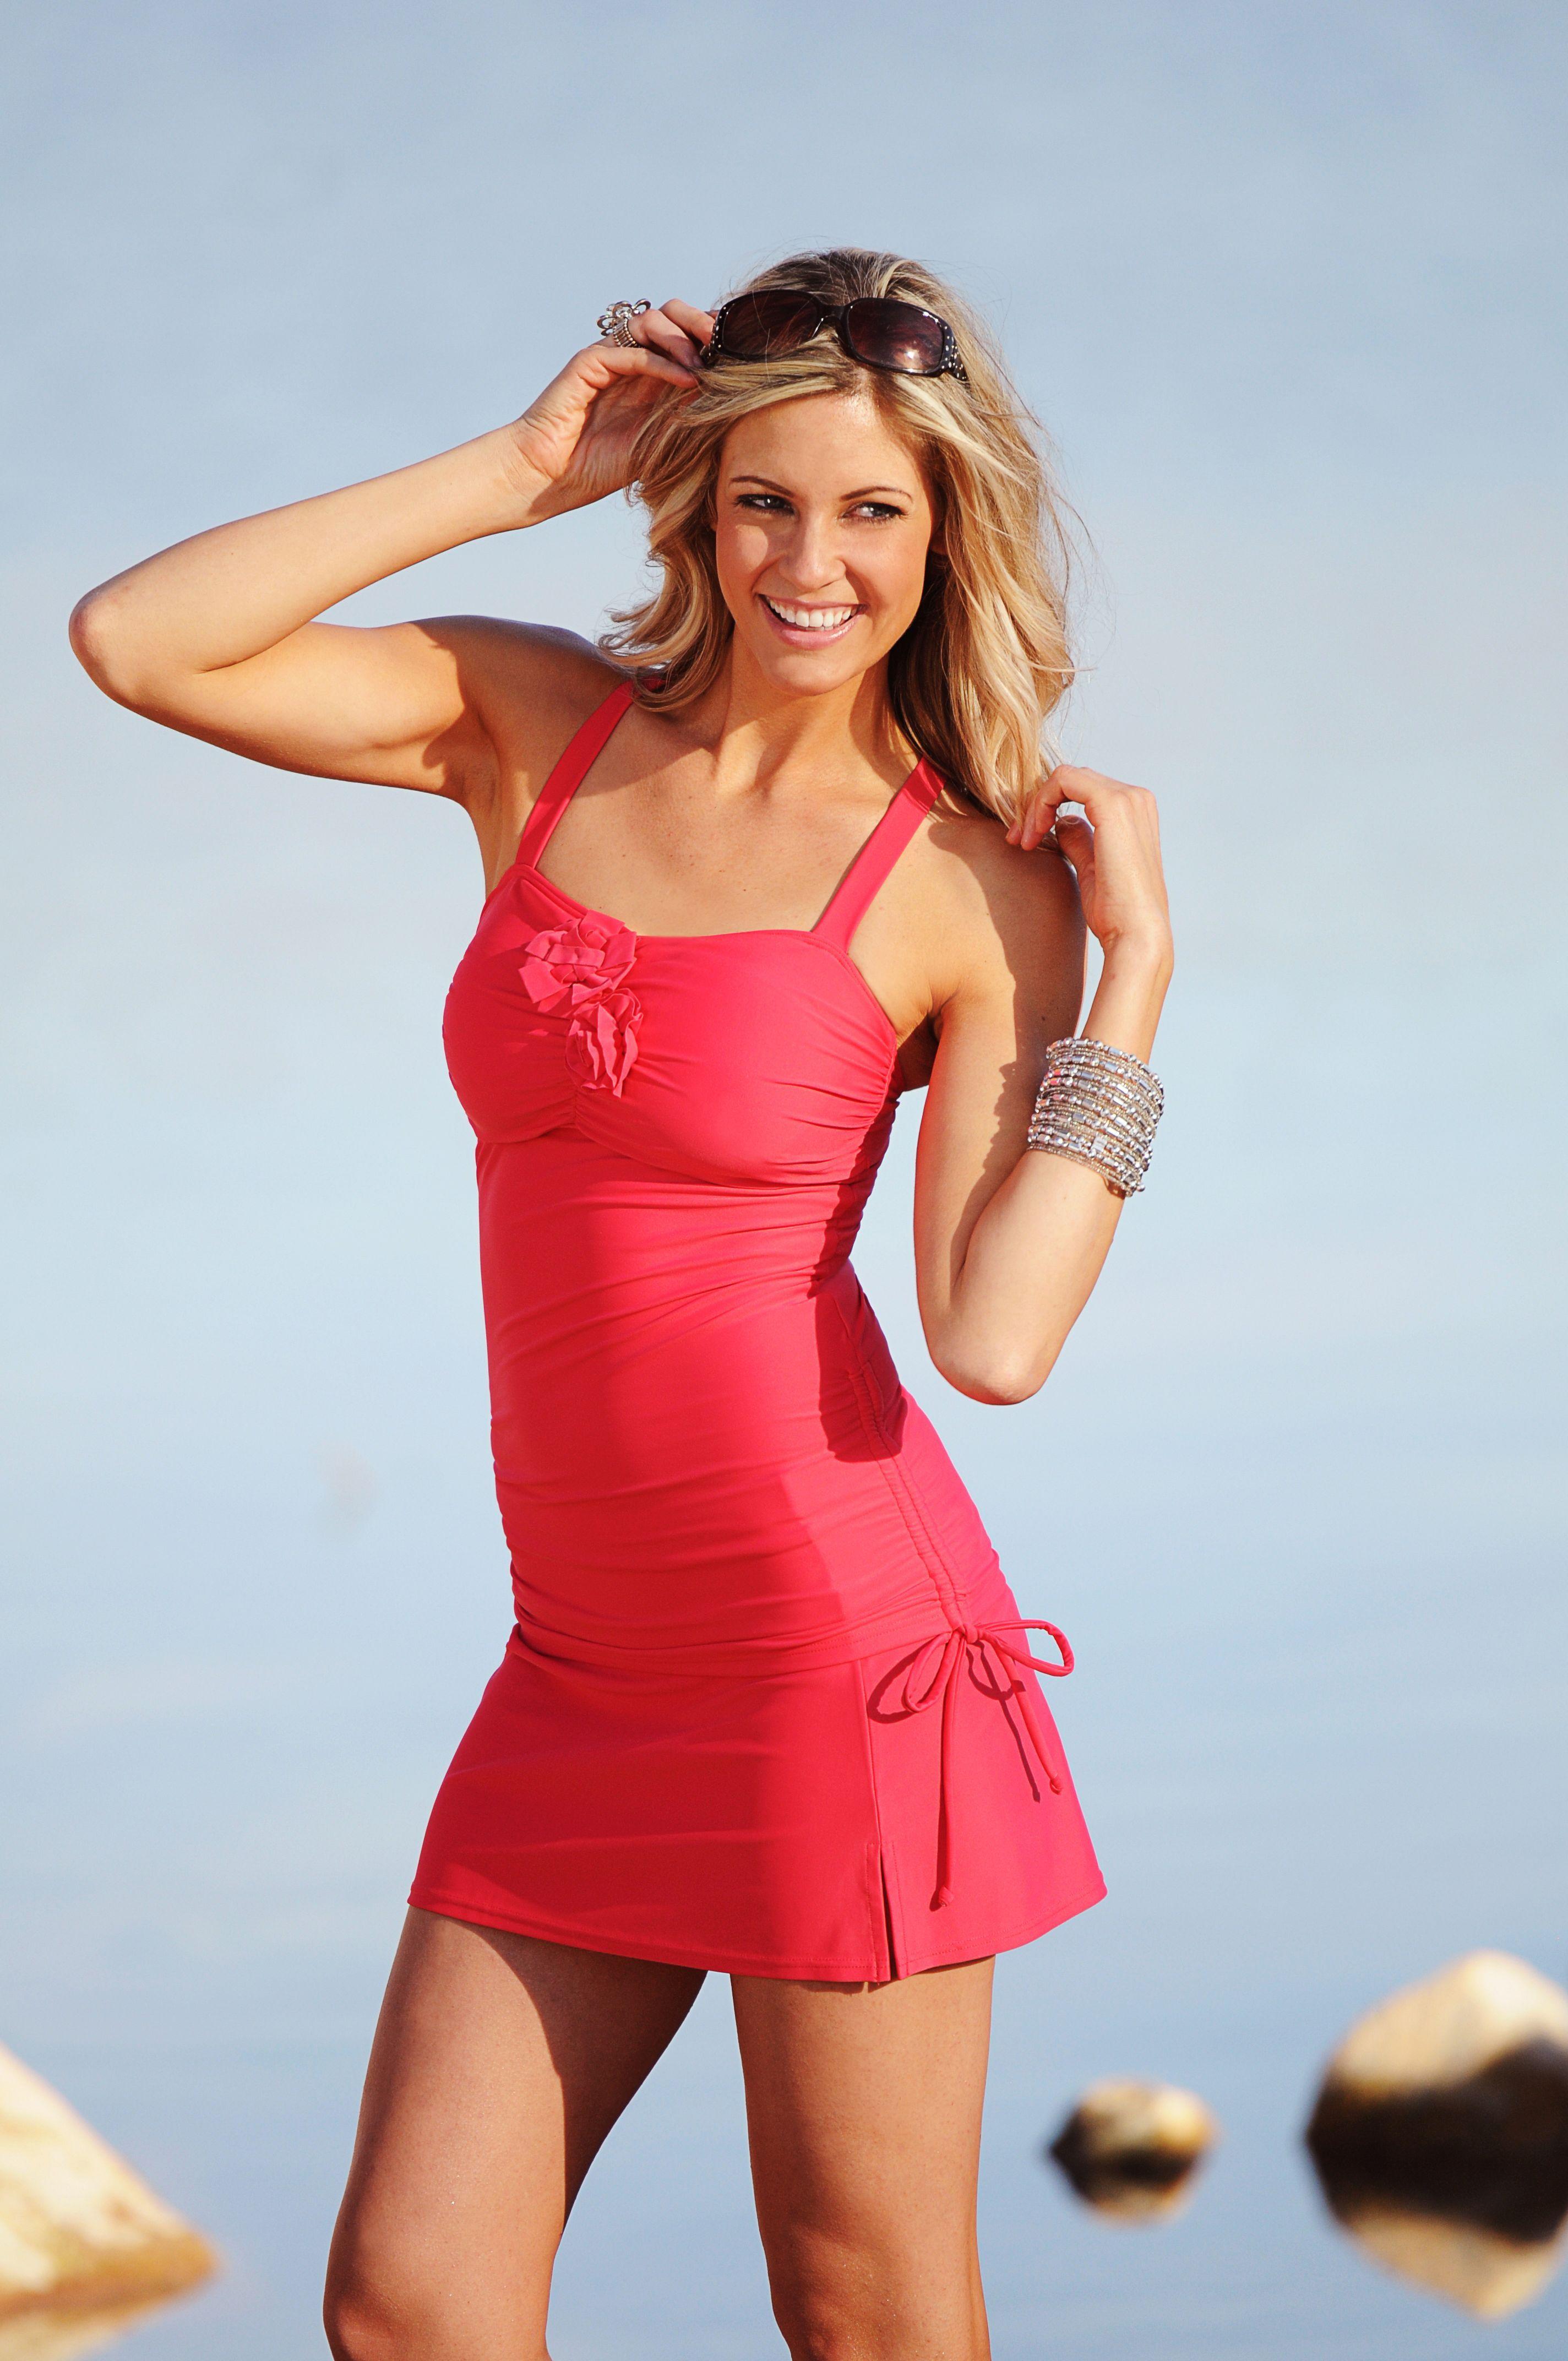 a828654f28 Perfect Fit Swimwear